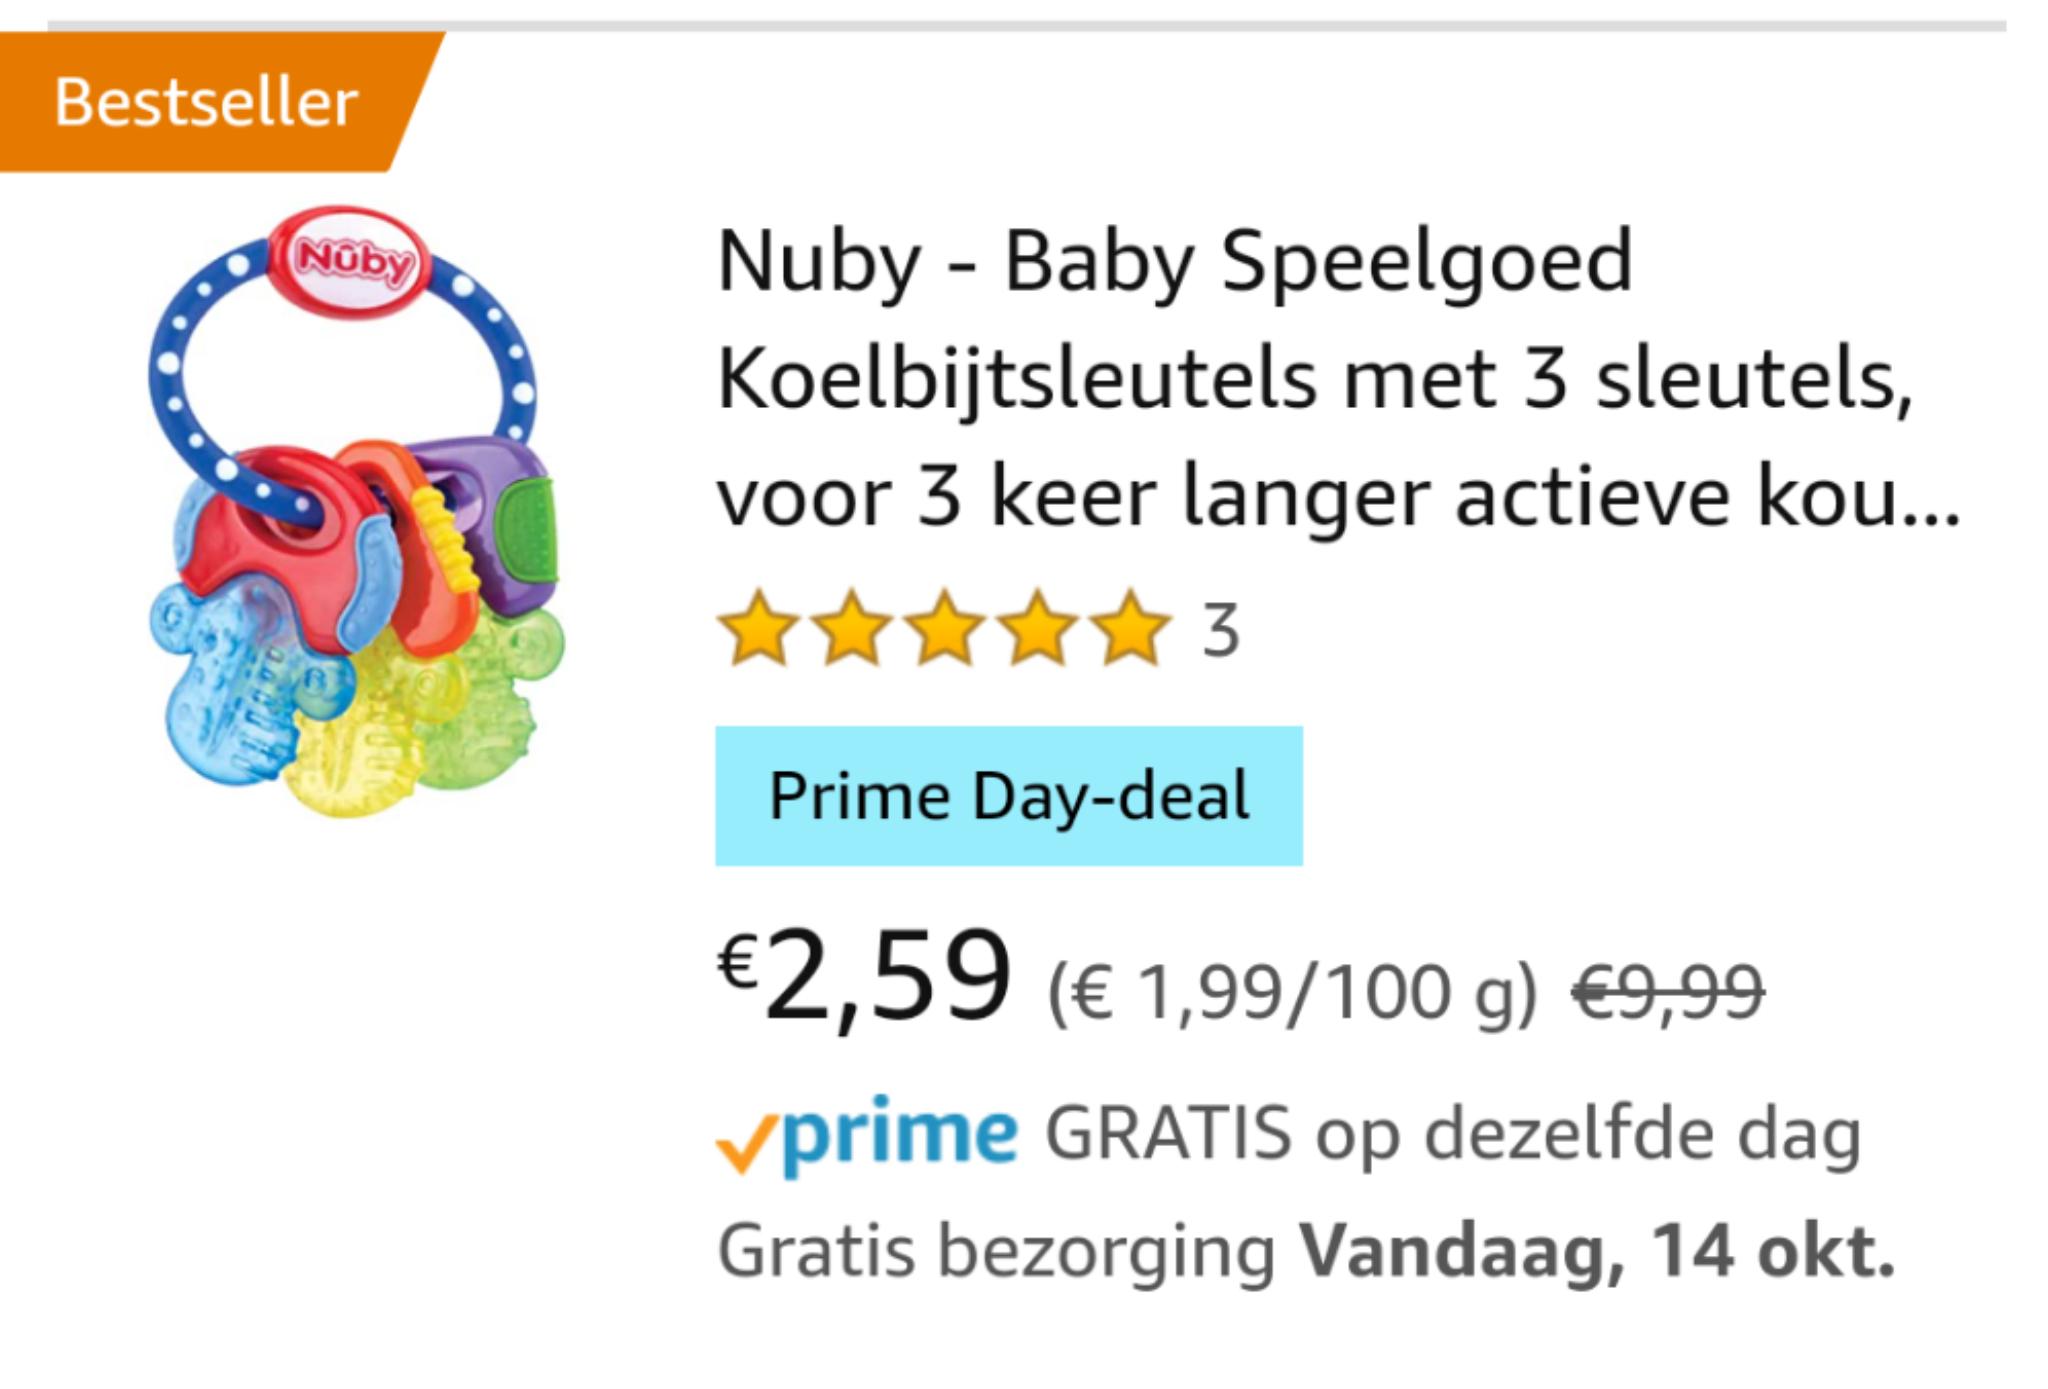 [prime] Nuby - Baby Koelbijtsleutels met 3 sleutels, voor 3 keer langer actieve koude - voor baby's vanaf 3 maanden - blauw